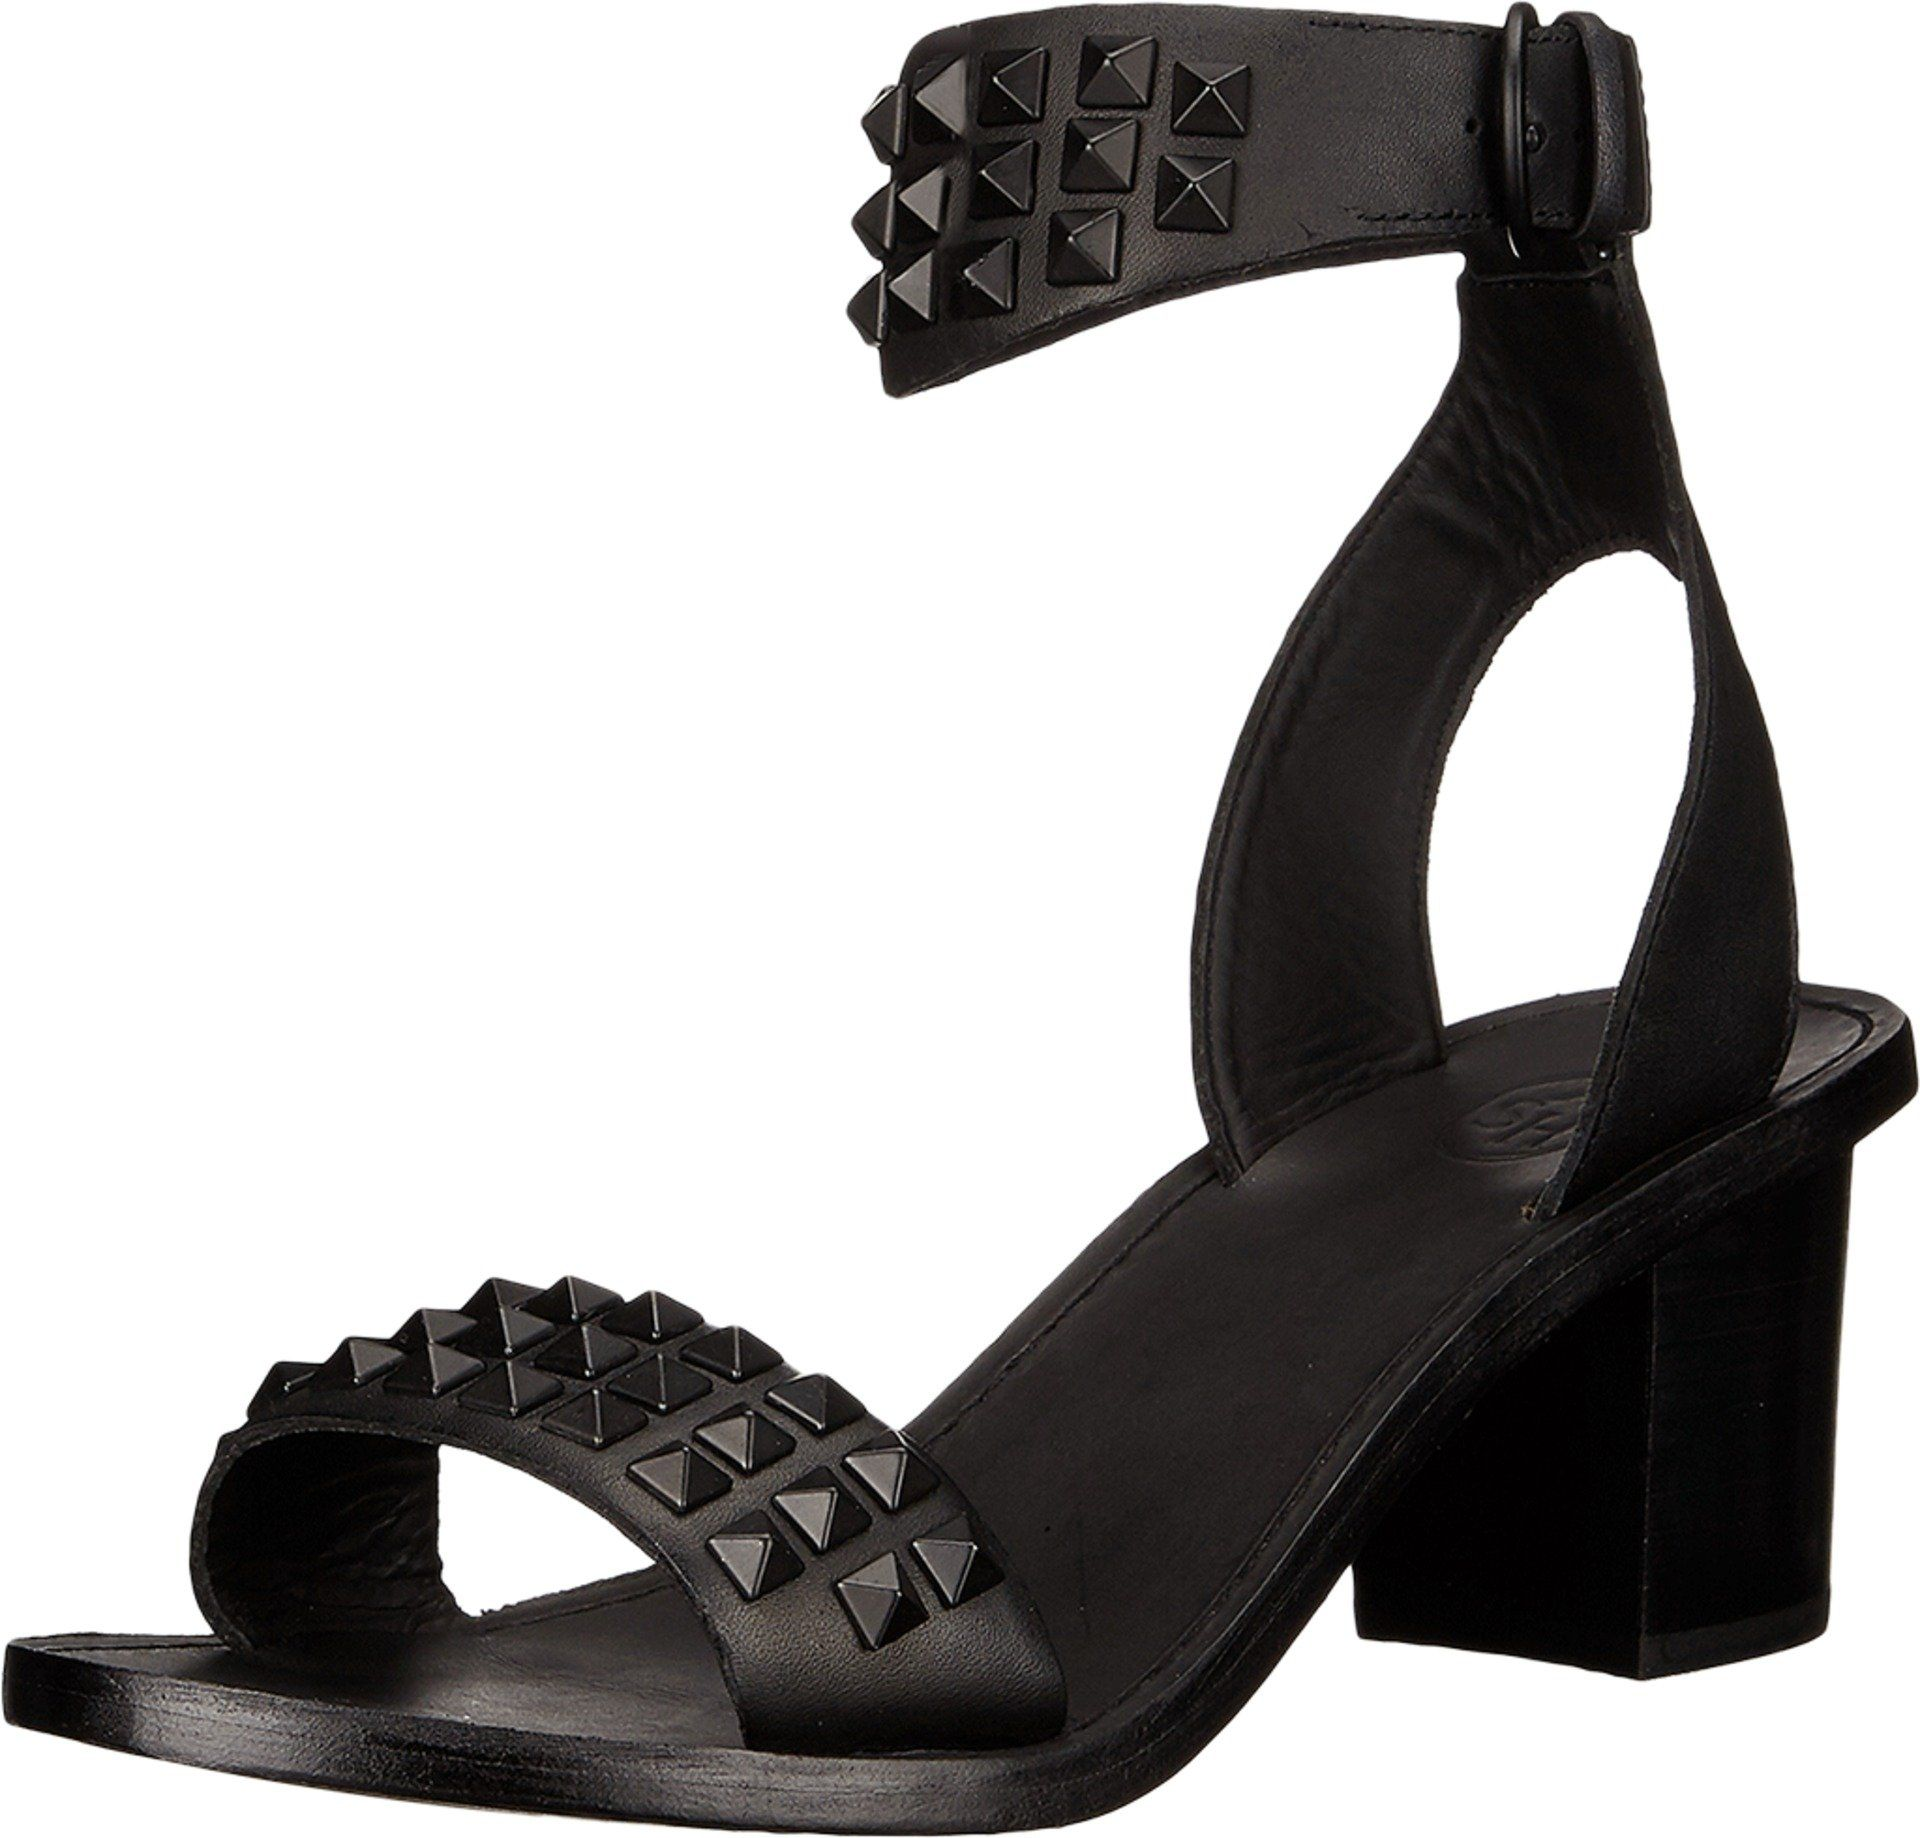 Ash Elisa Sandals Color: Black